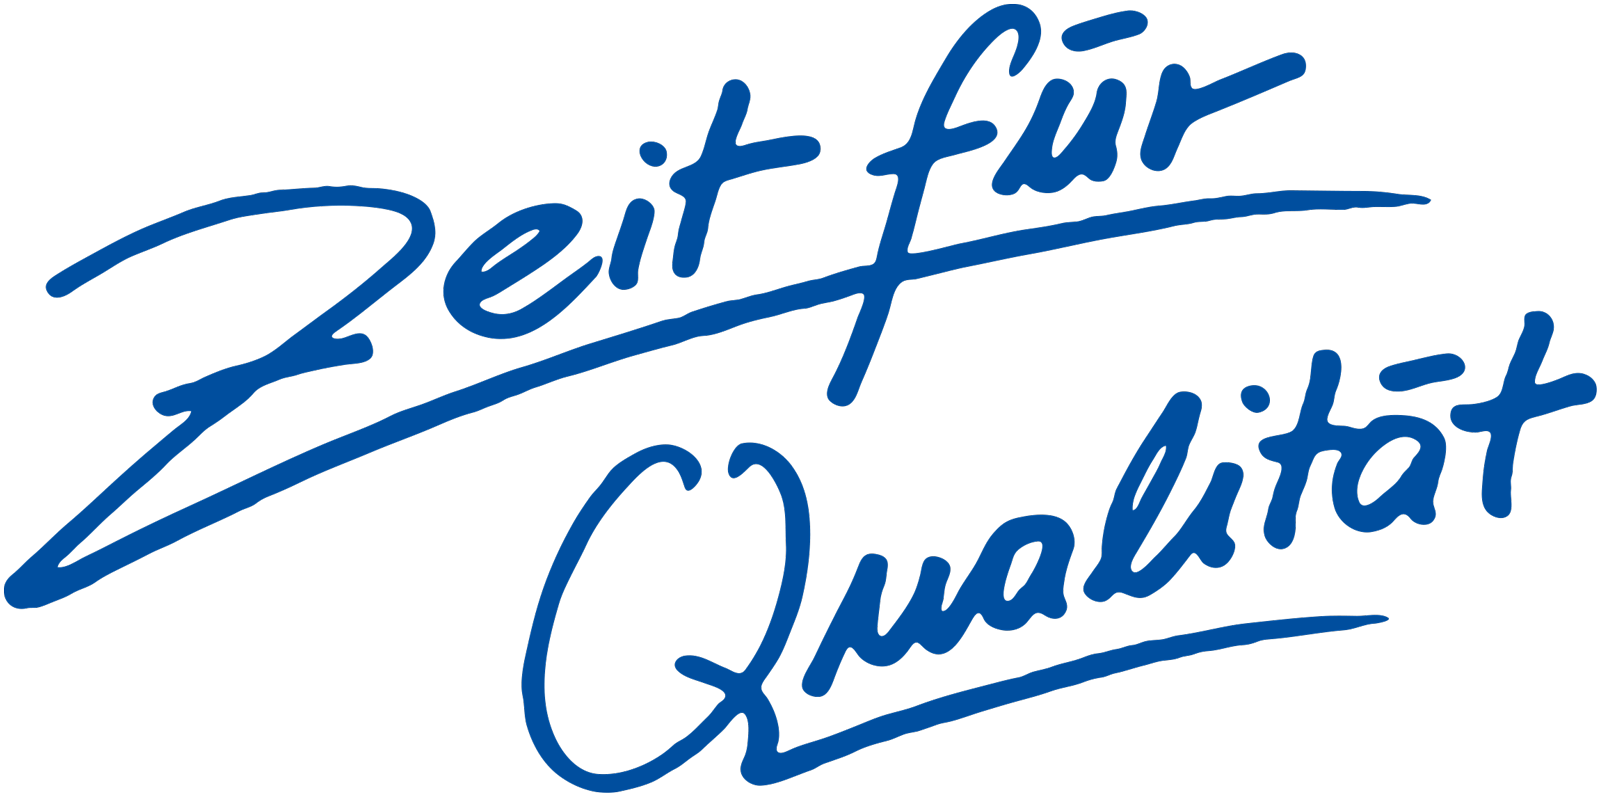 hpi-zentrum-Schriftzug-Zeit-fuer-Qualitaet-blau